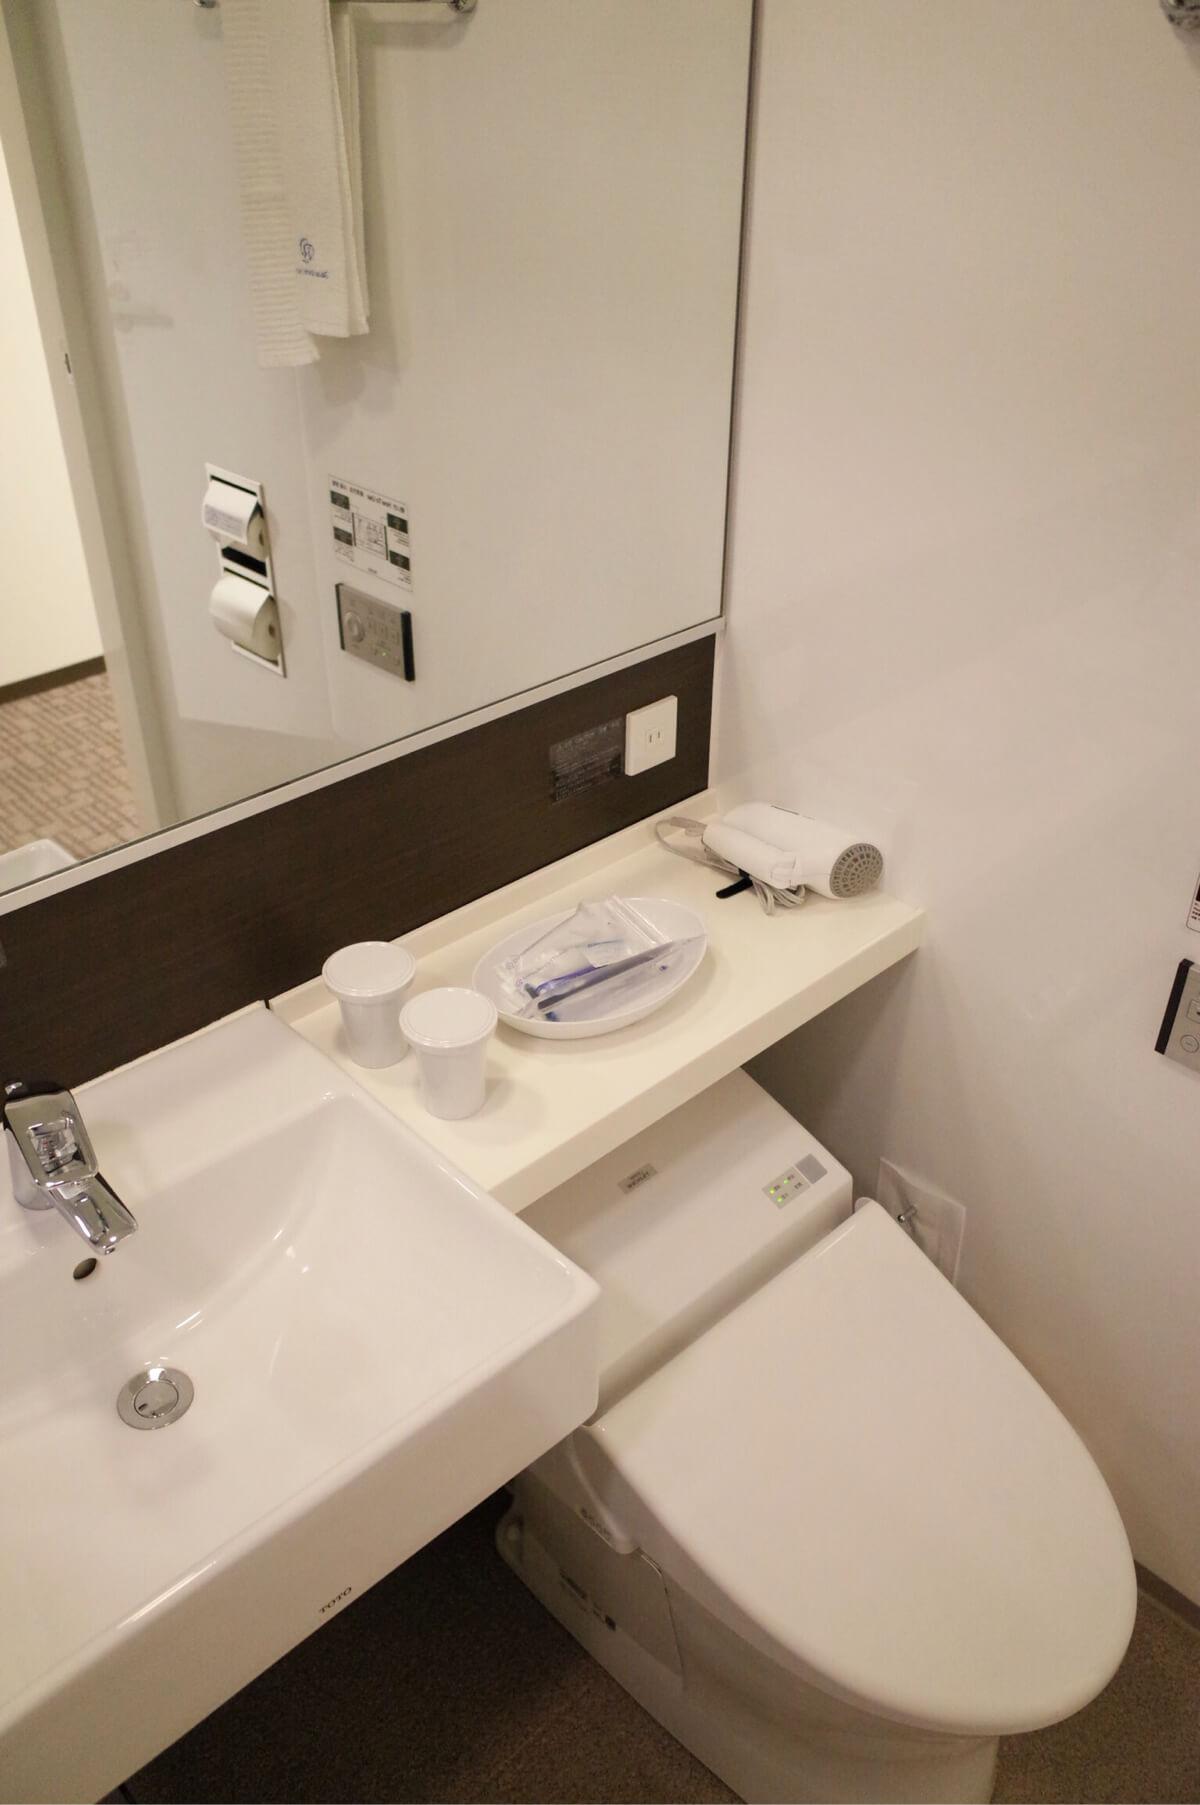 ダイワロイネット 北浜  トイレ